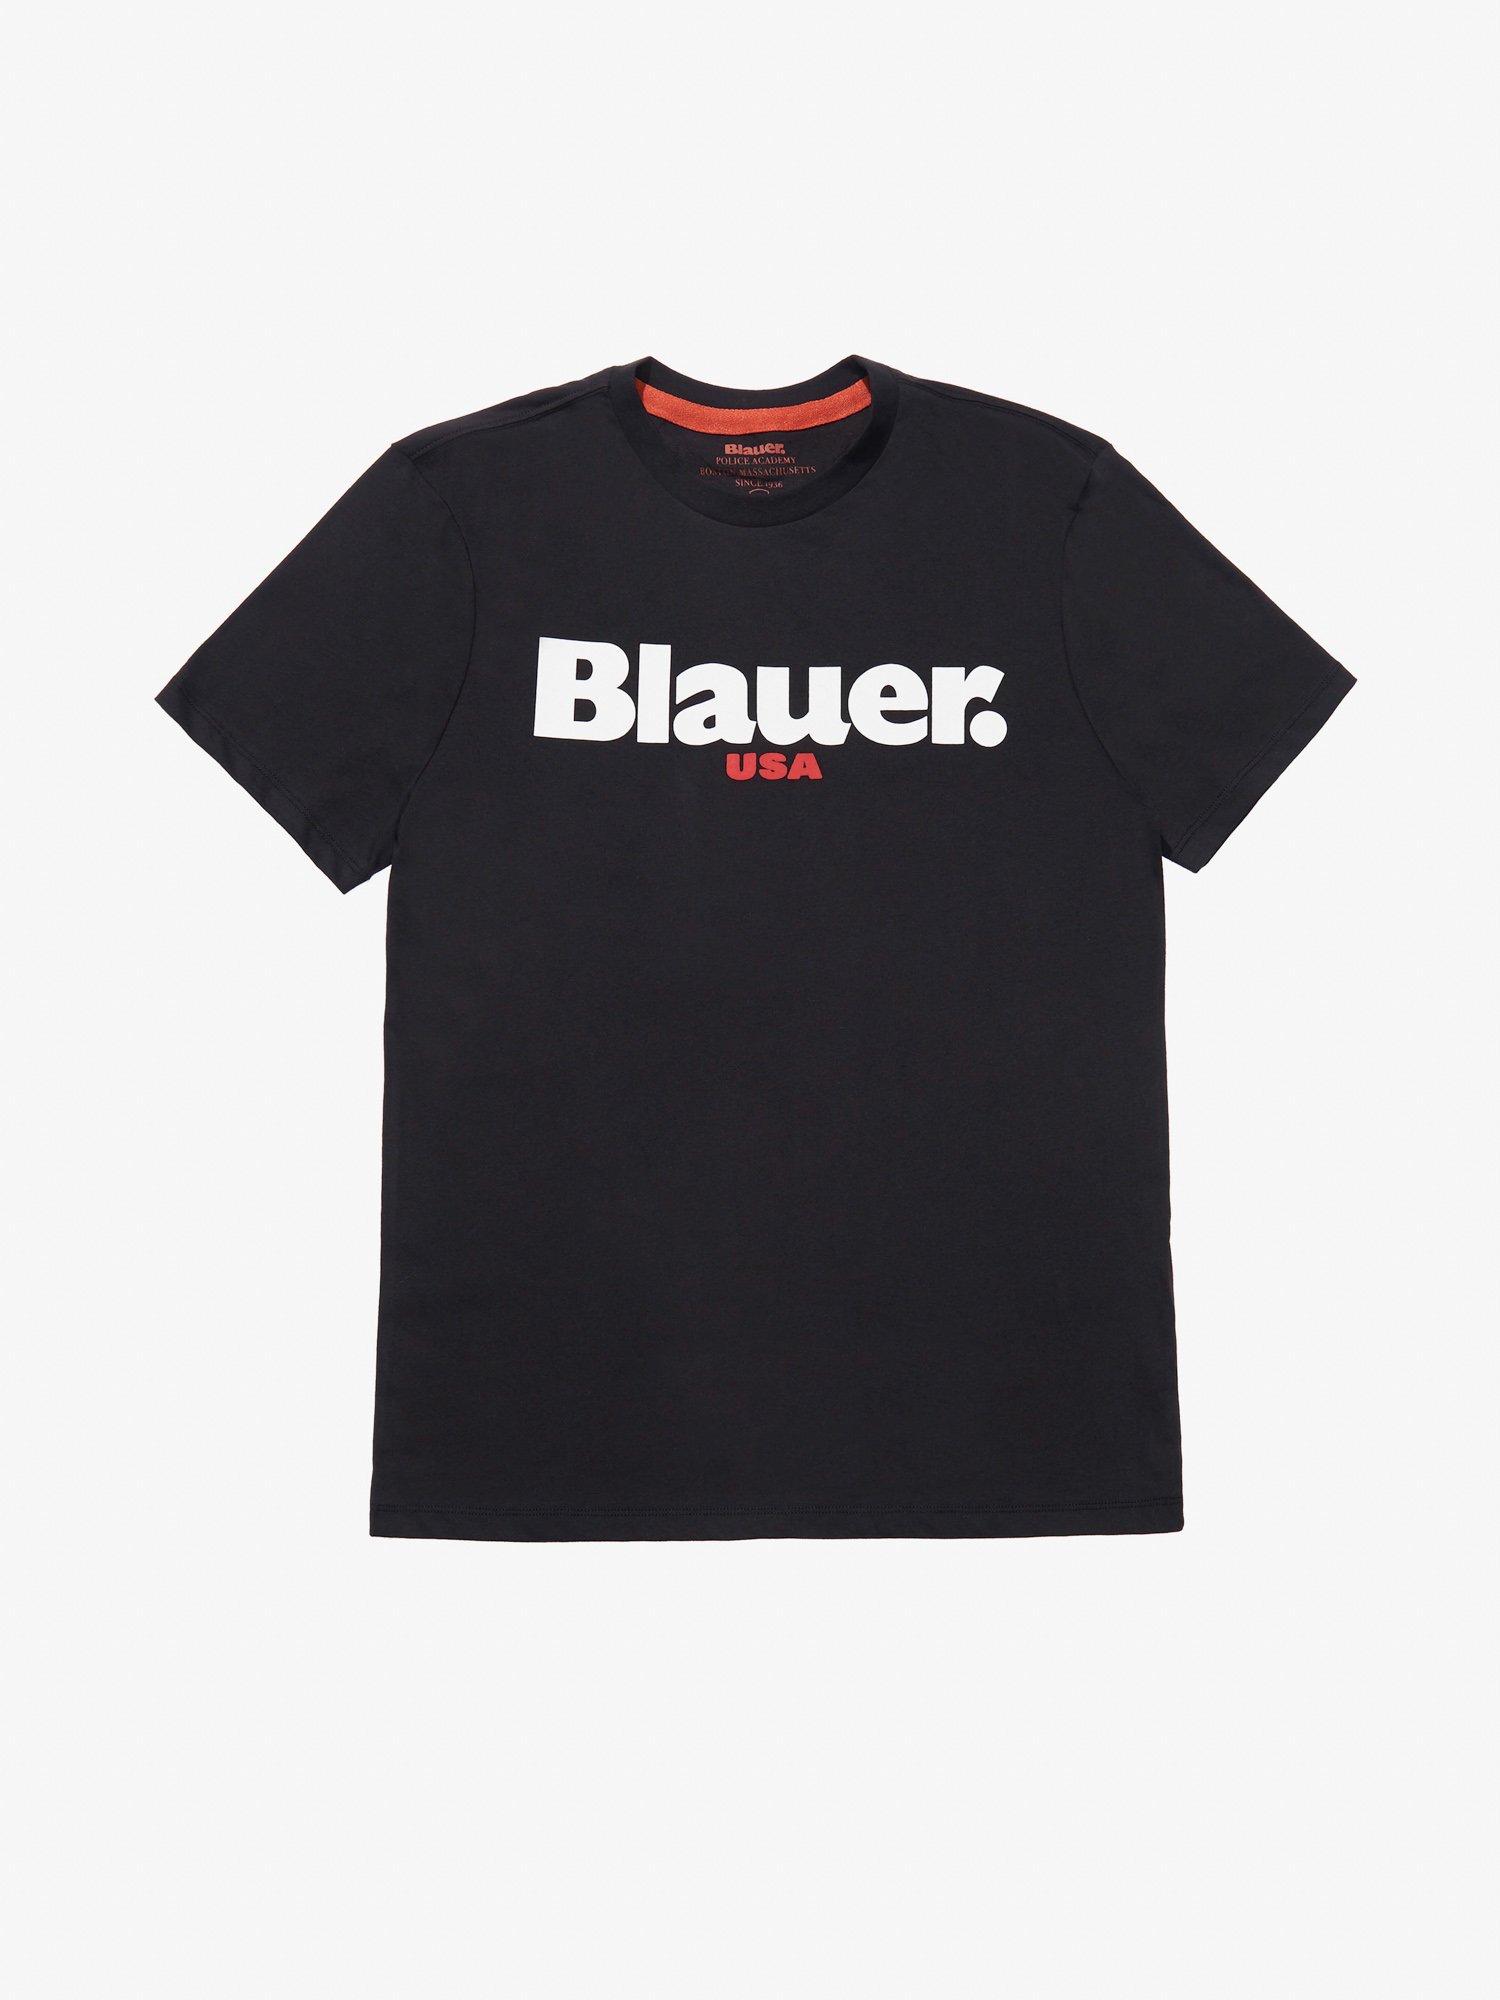 T-SHIRT CARBON WASHED BLAUER USA - Nero - Blauer